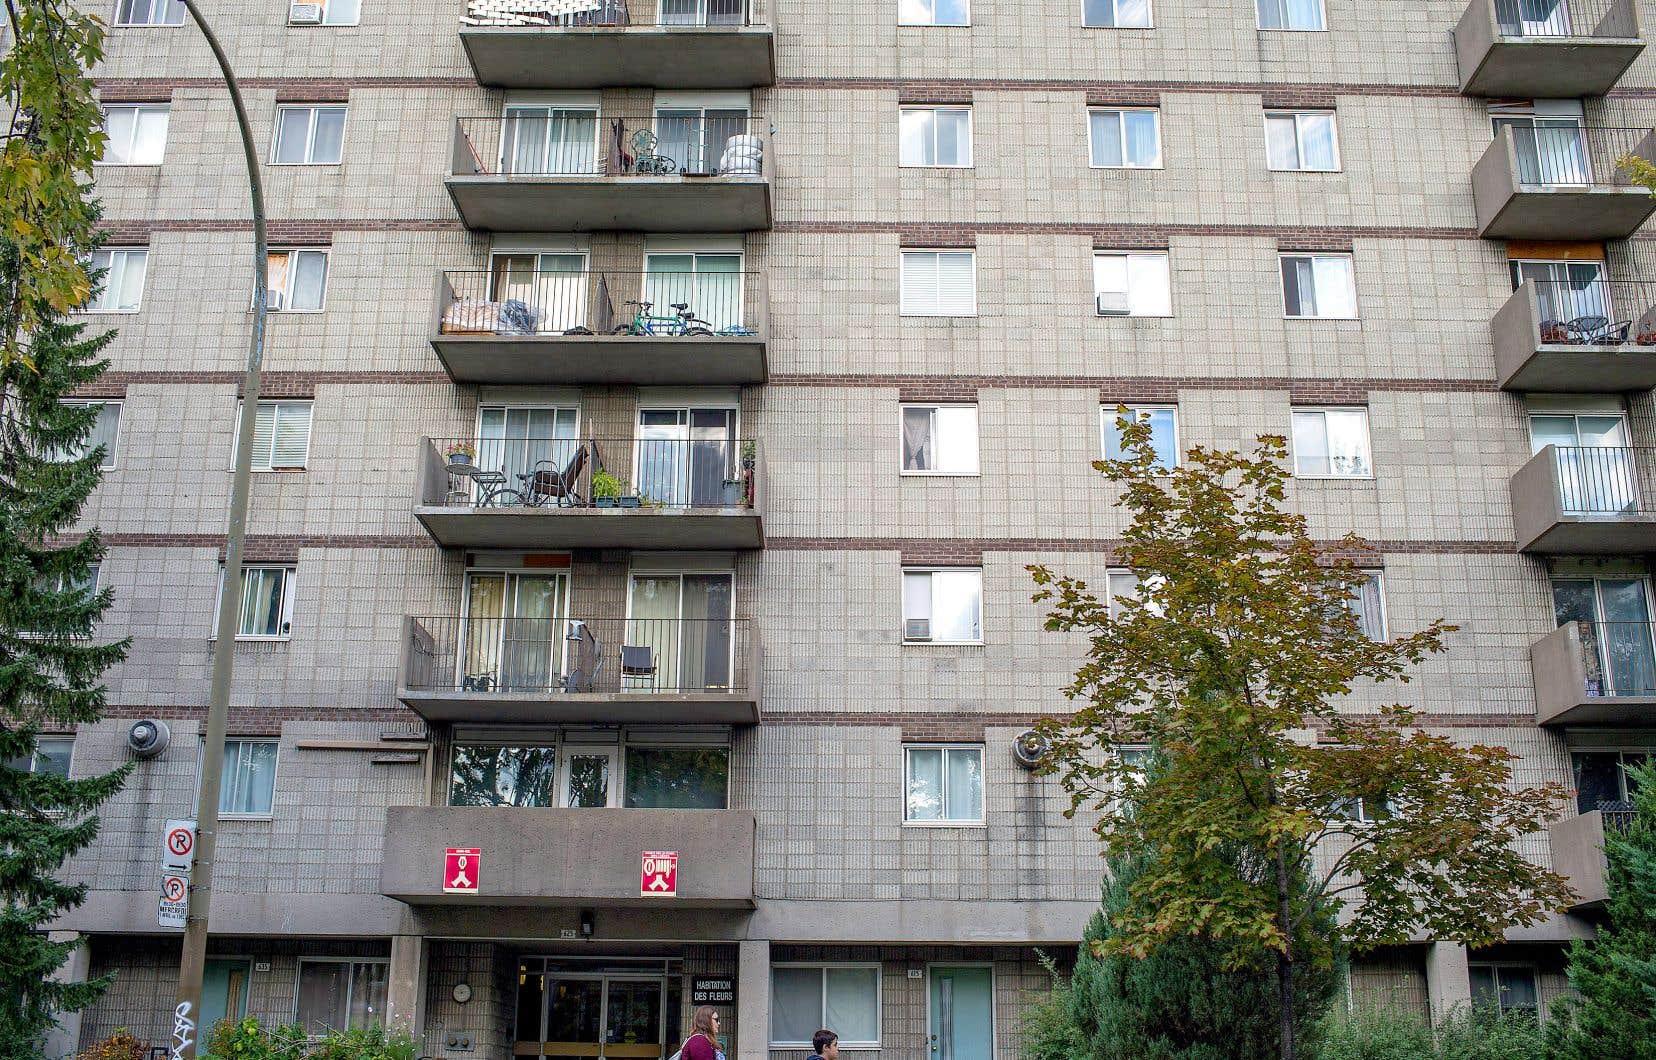 Plusieurs occasions d'inclure des logements sociaux dans des projets immobiliers montréalais ont été perdues en raison de la propension des promoteurs à opter pour les compensations financières.